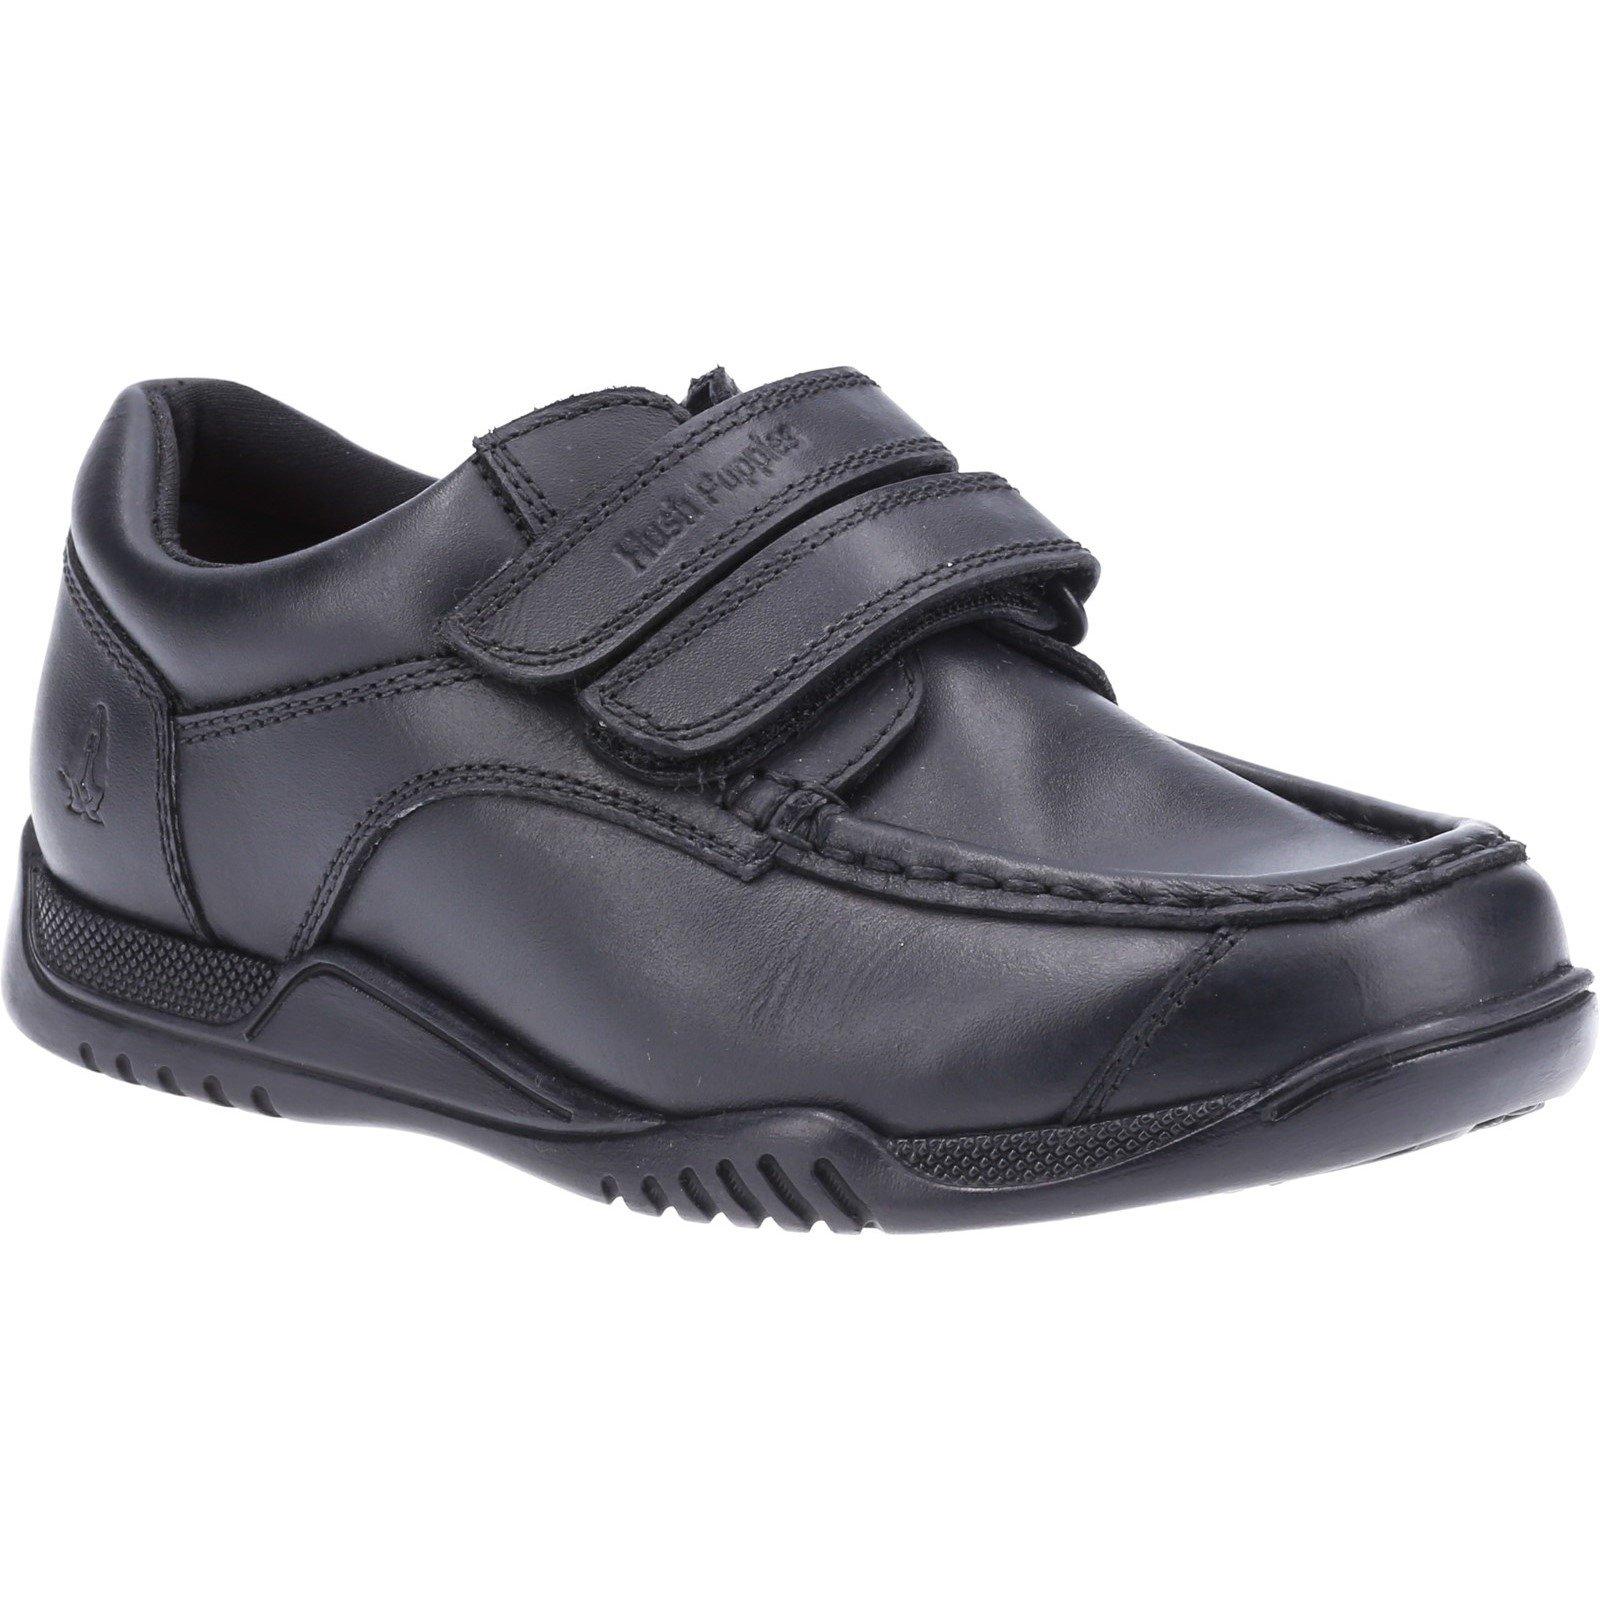 Hush Puppies Kid's Hayden Senior School Shoe Black 32733 - Black 4